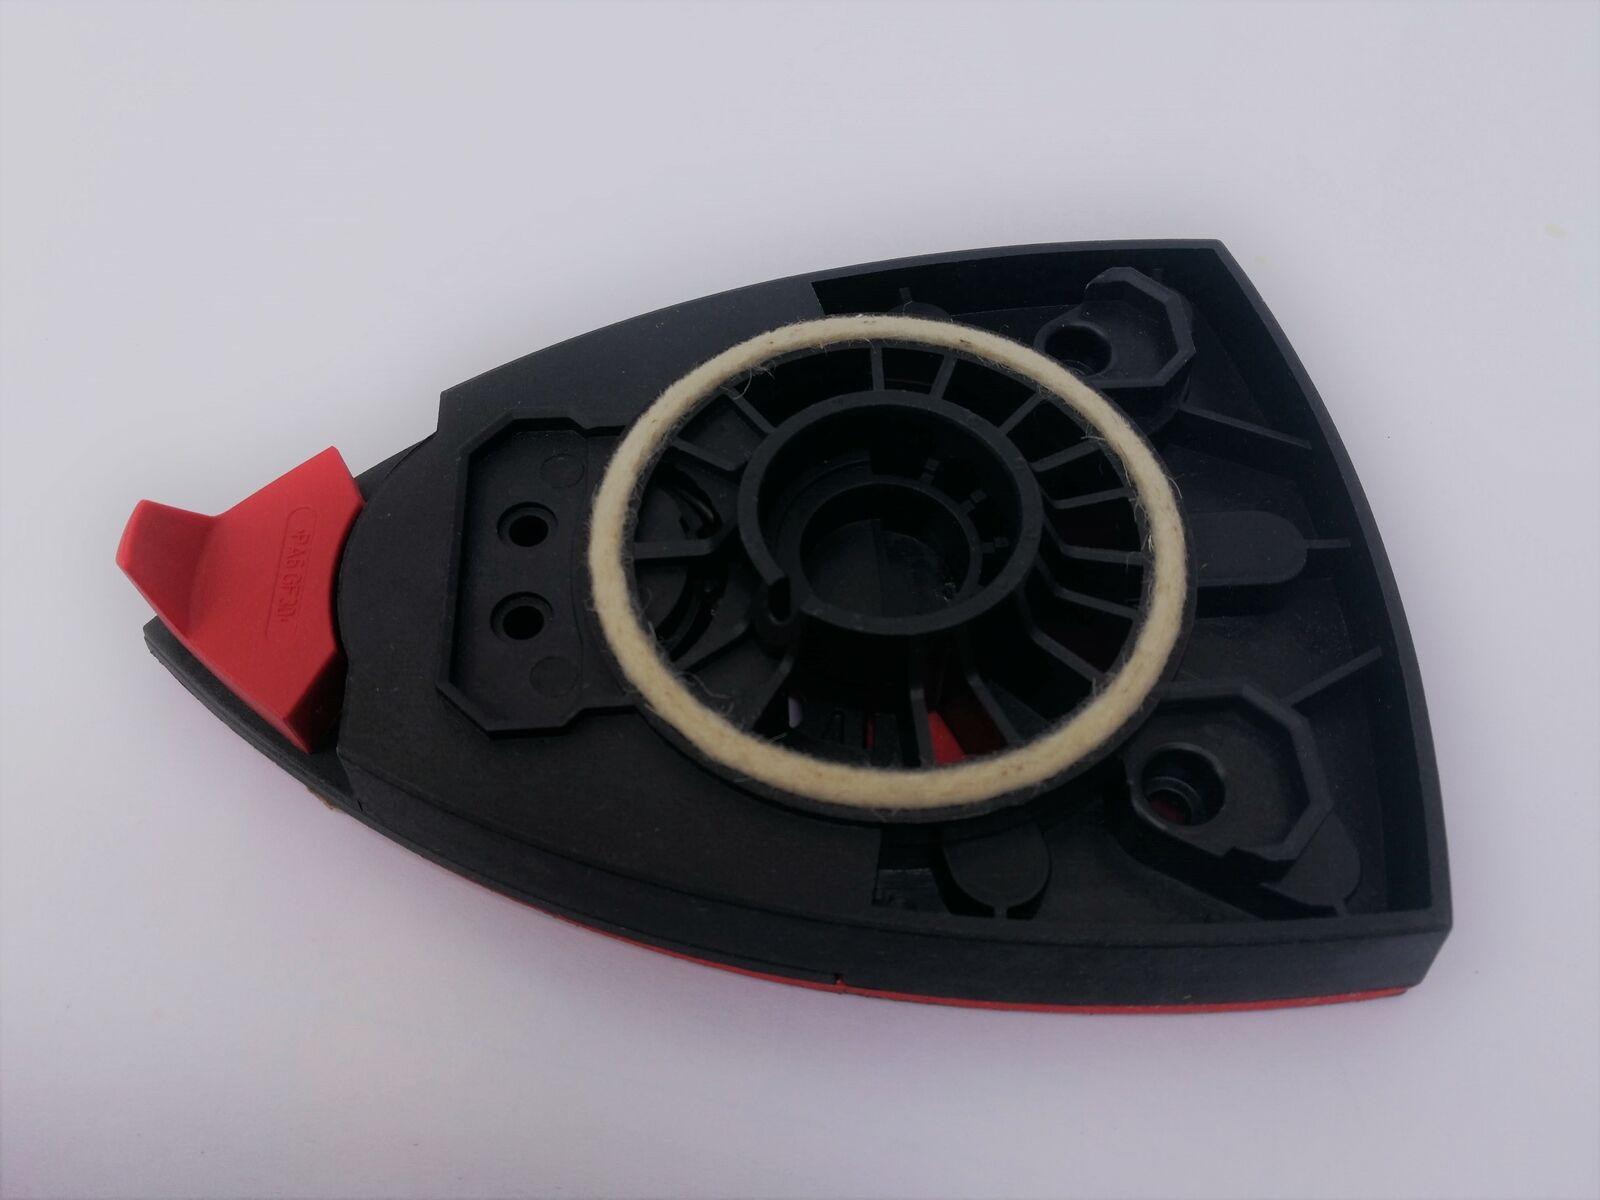 NEU Original Makita 650631-1 651956-6 Schalter für BCS550 BLS713 DLS713 BSS500